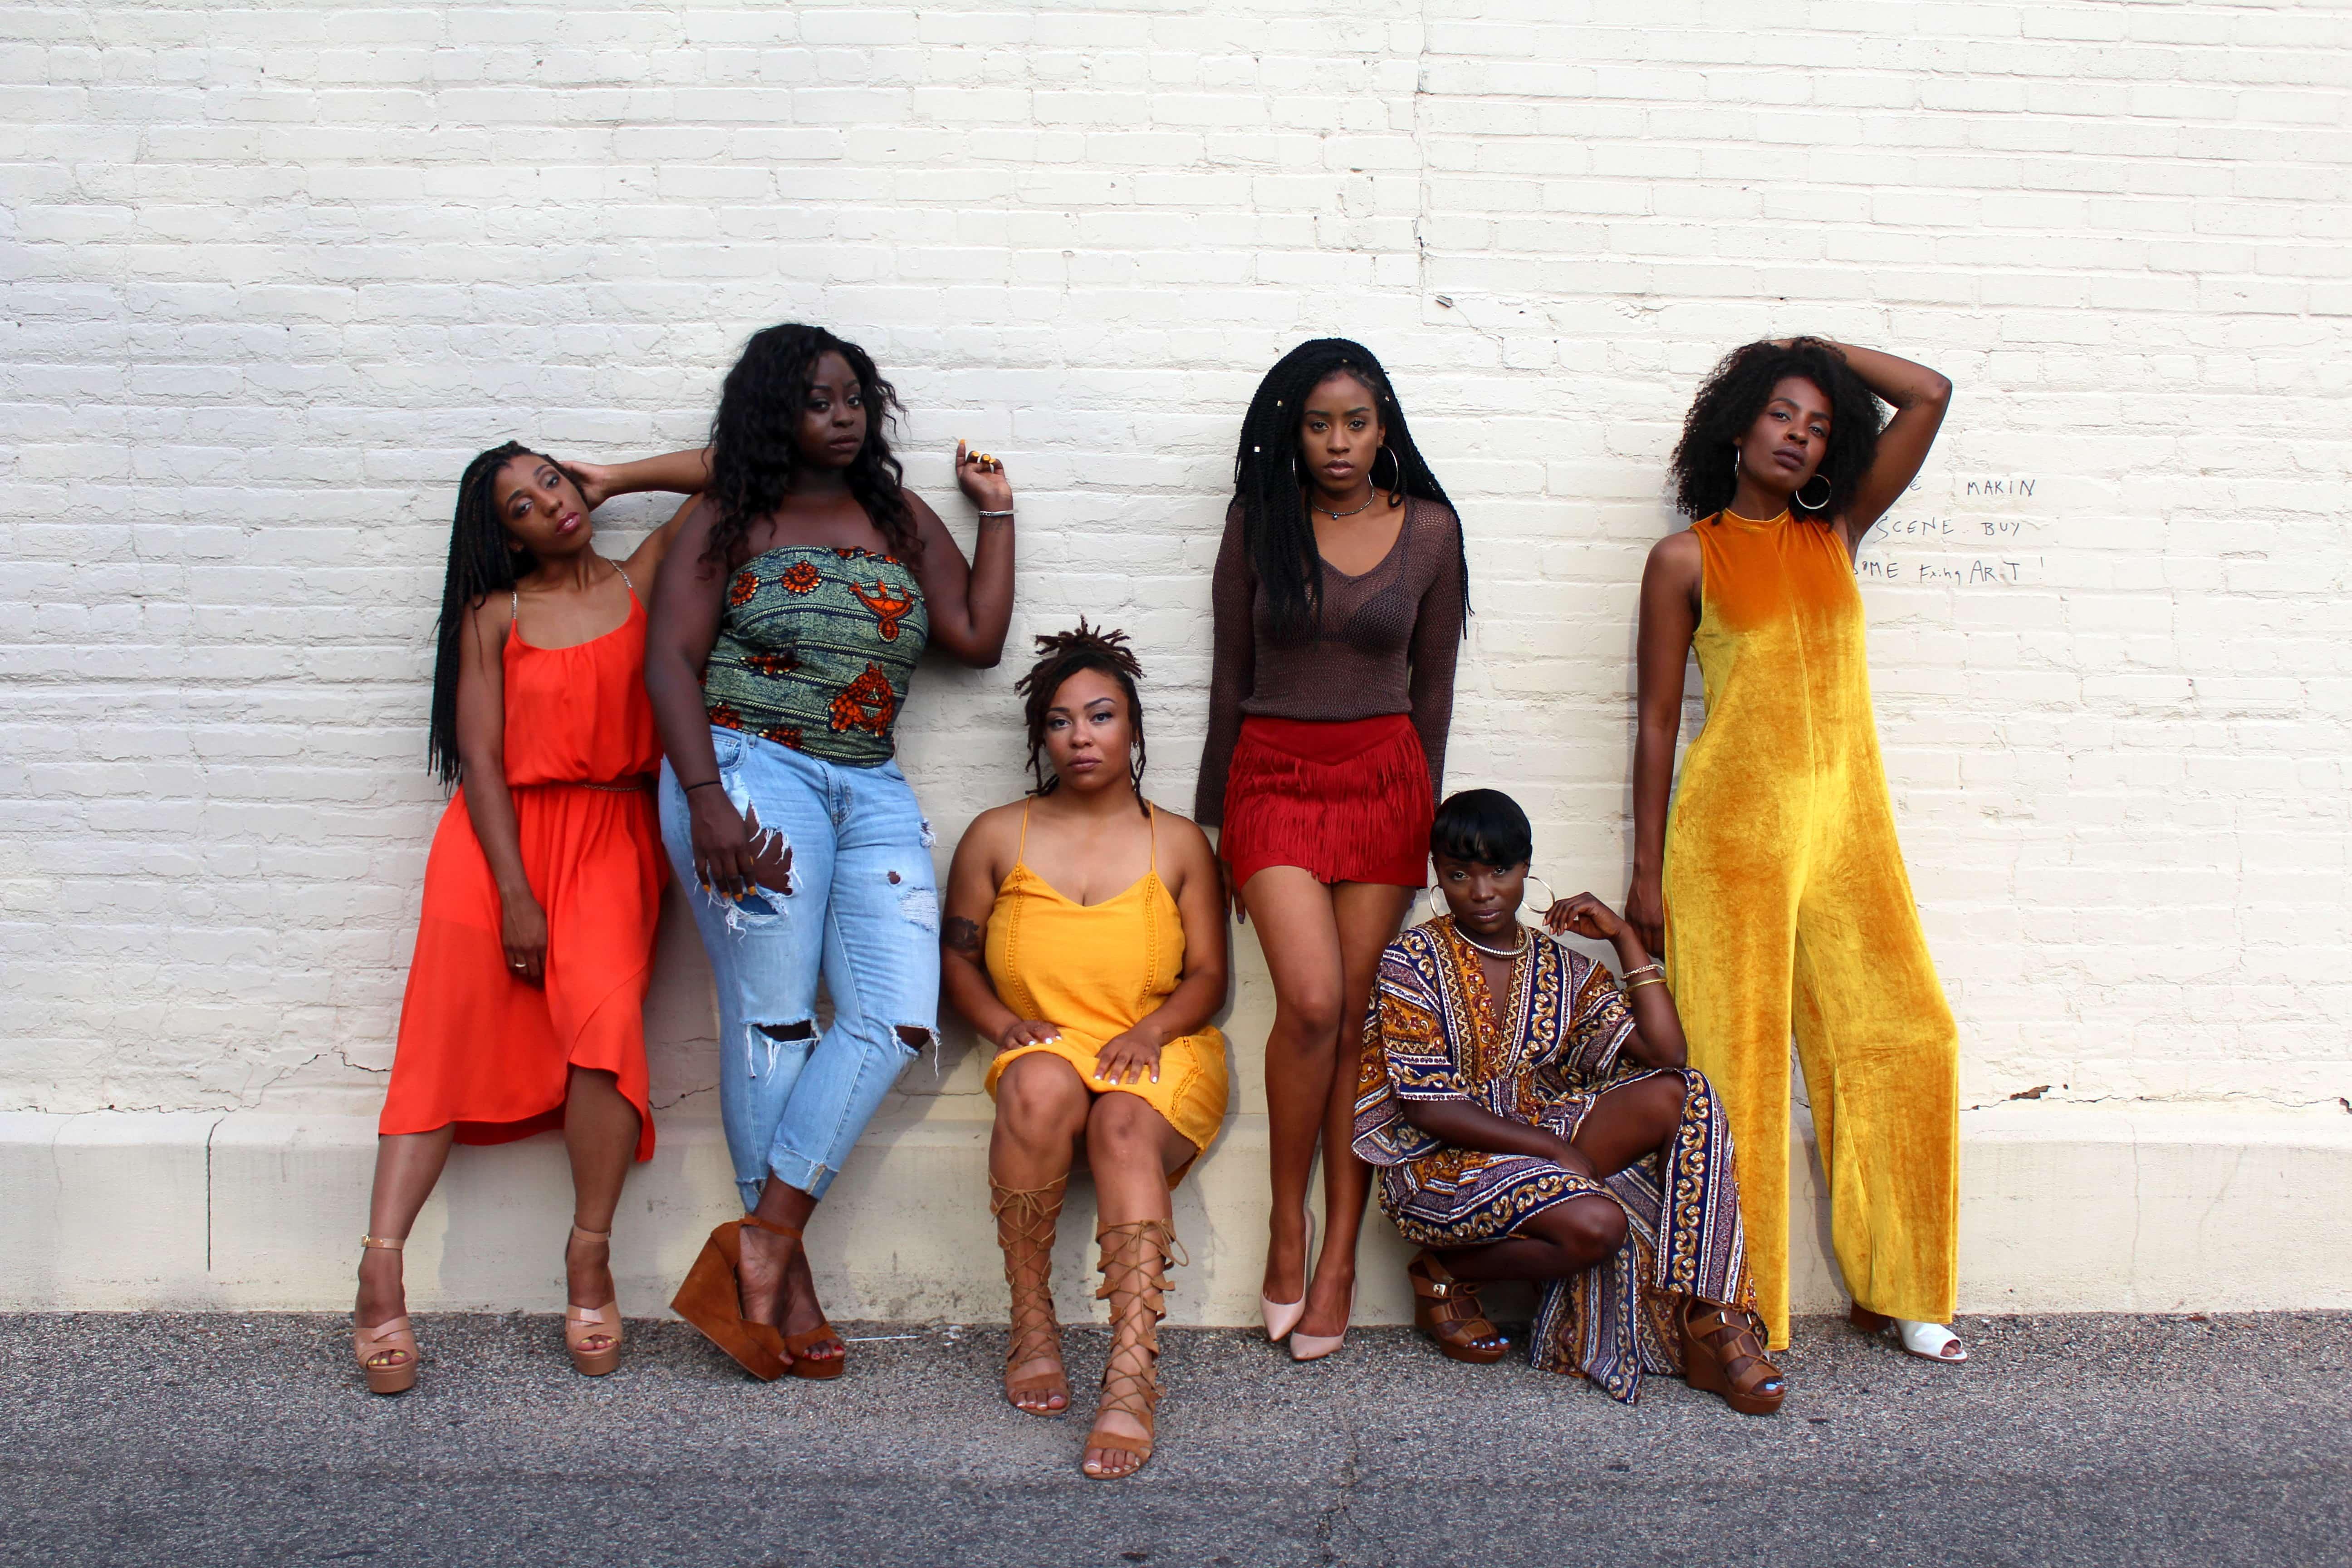 5人のカラフルな女性たち